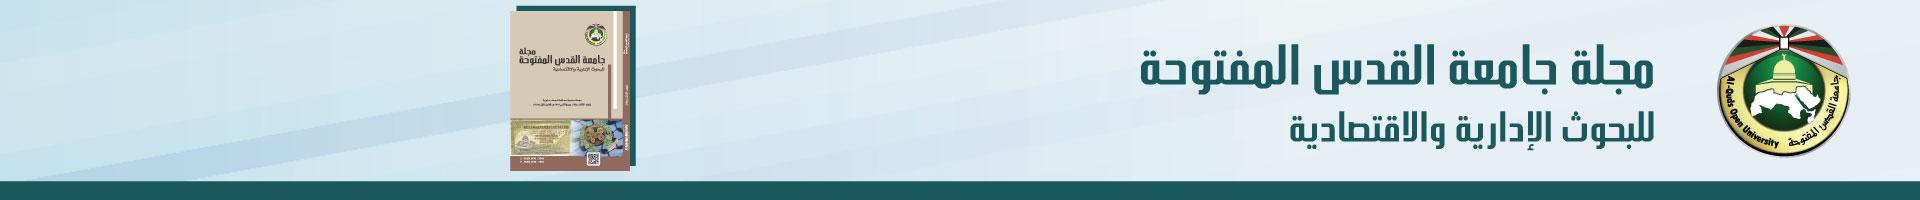 مجلة جامعة القدس المفتوحة للأبحاث والدراسات الإدارية والاقتصادية